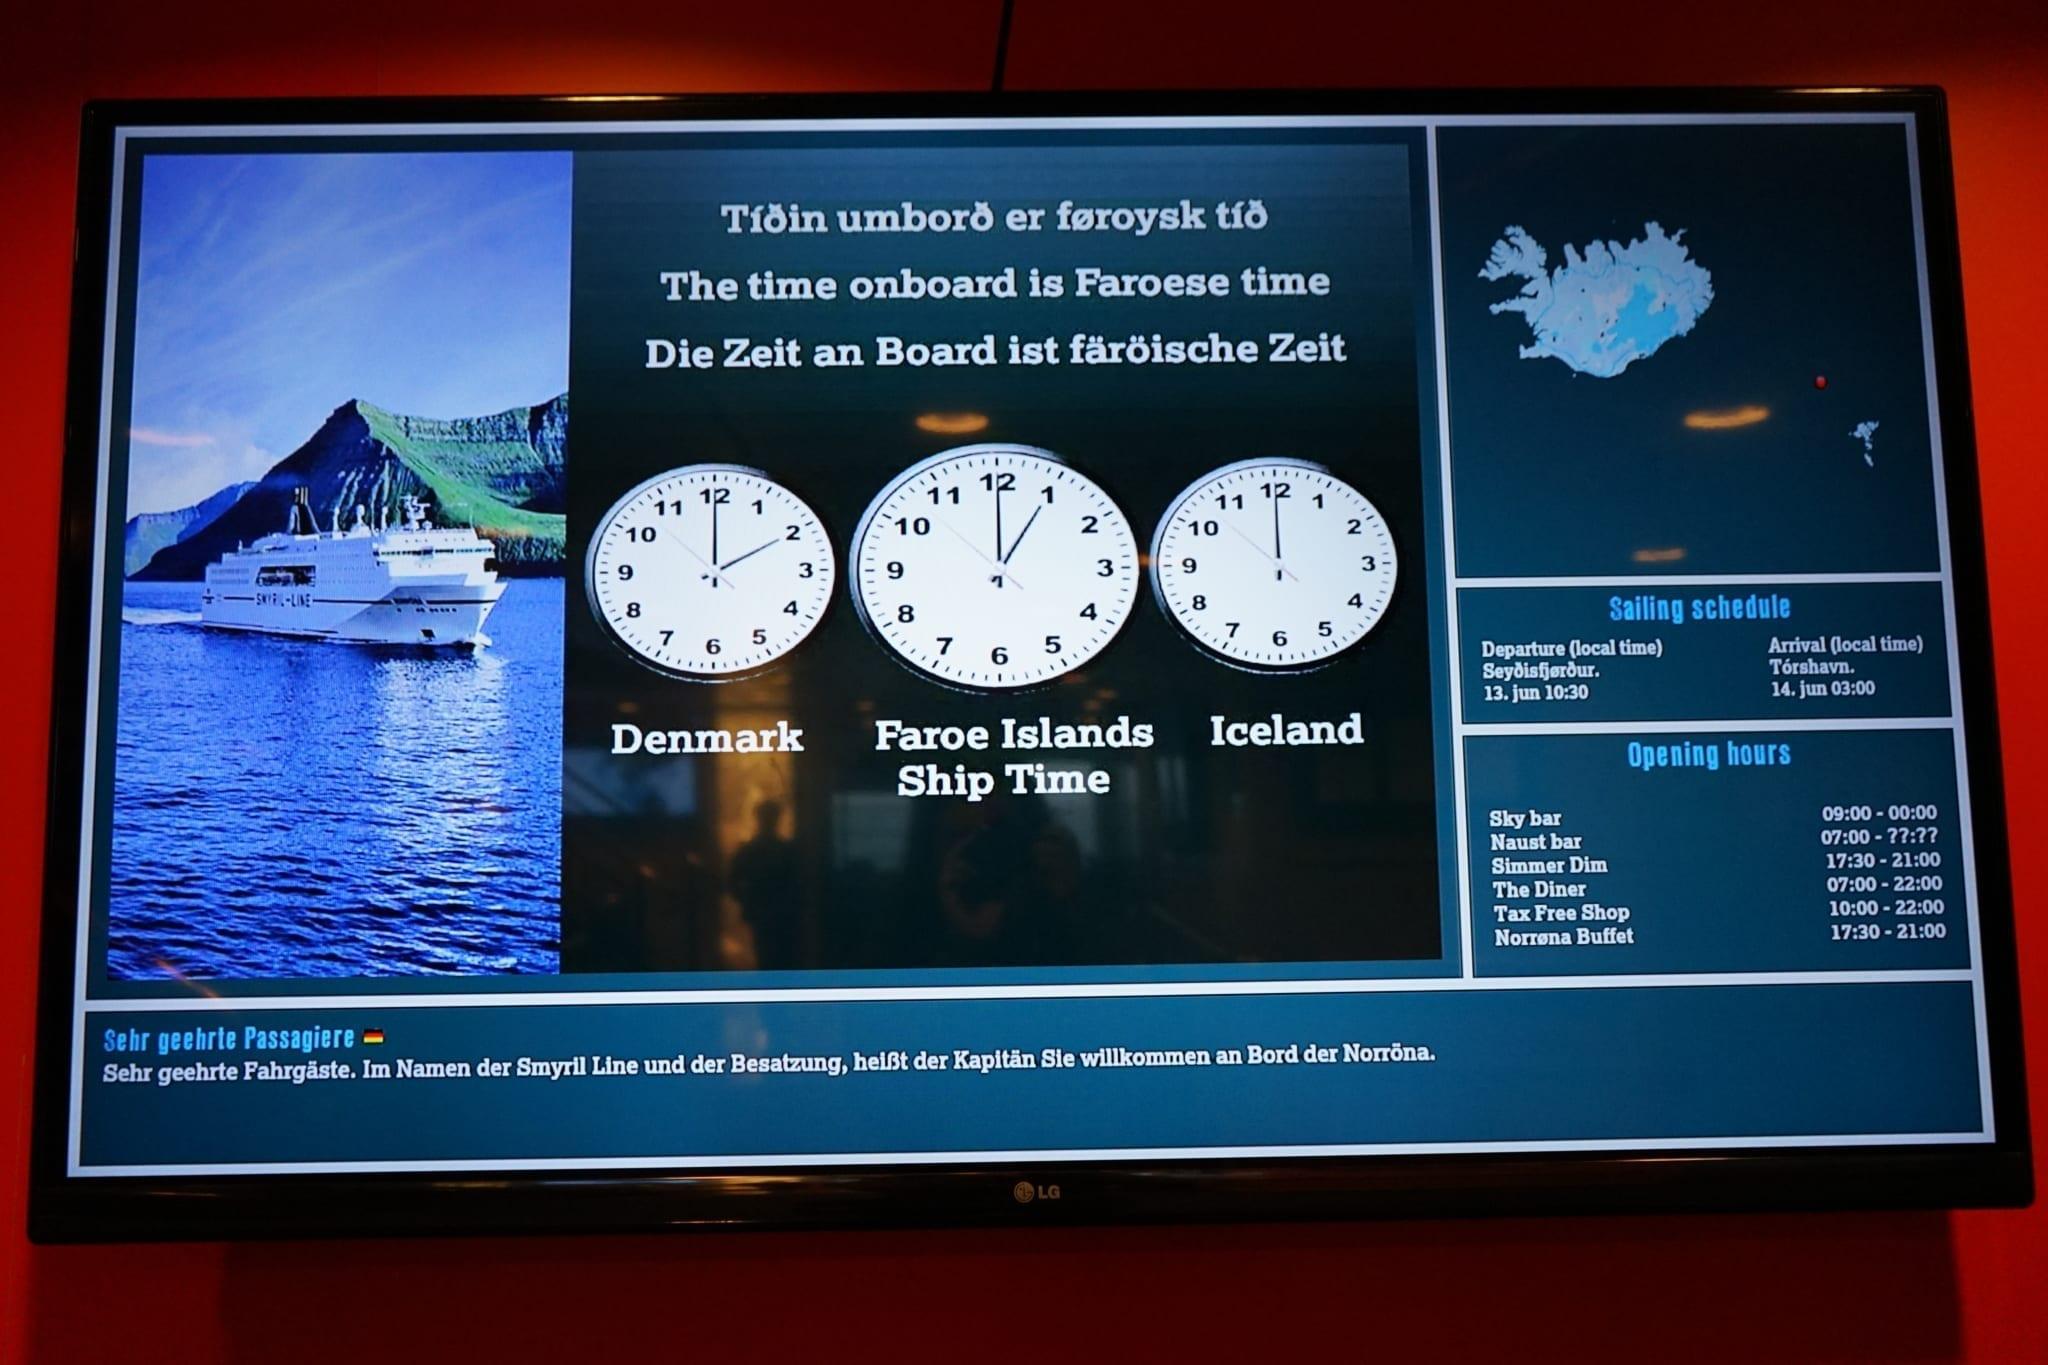 Ship Time an Bord der Norröna